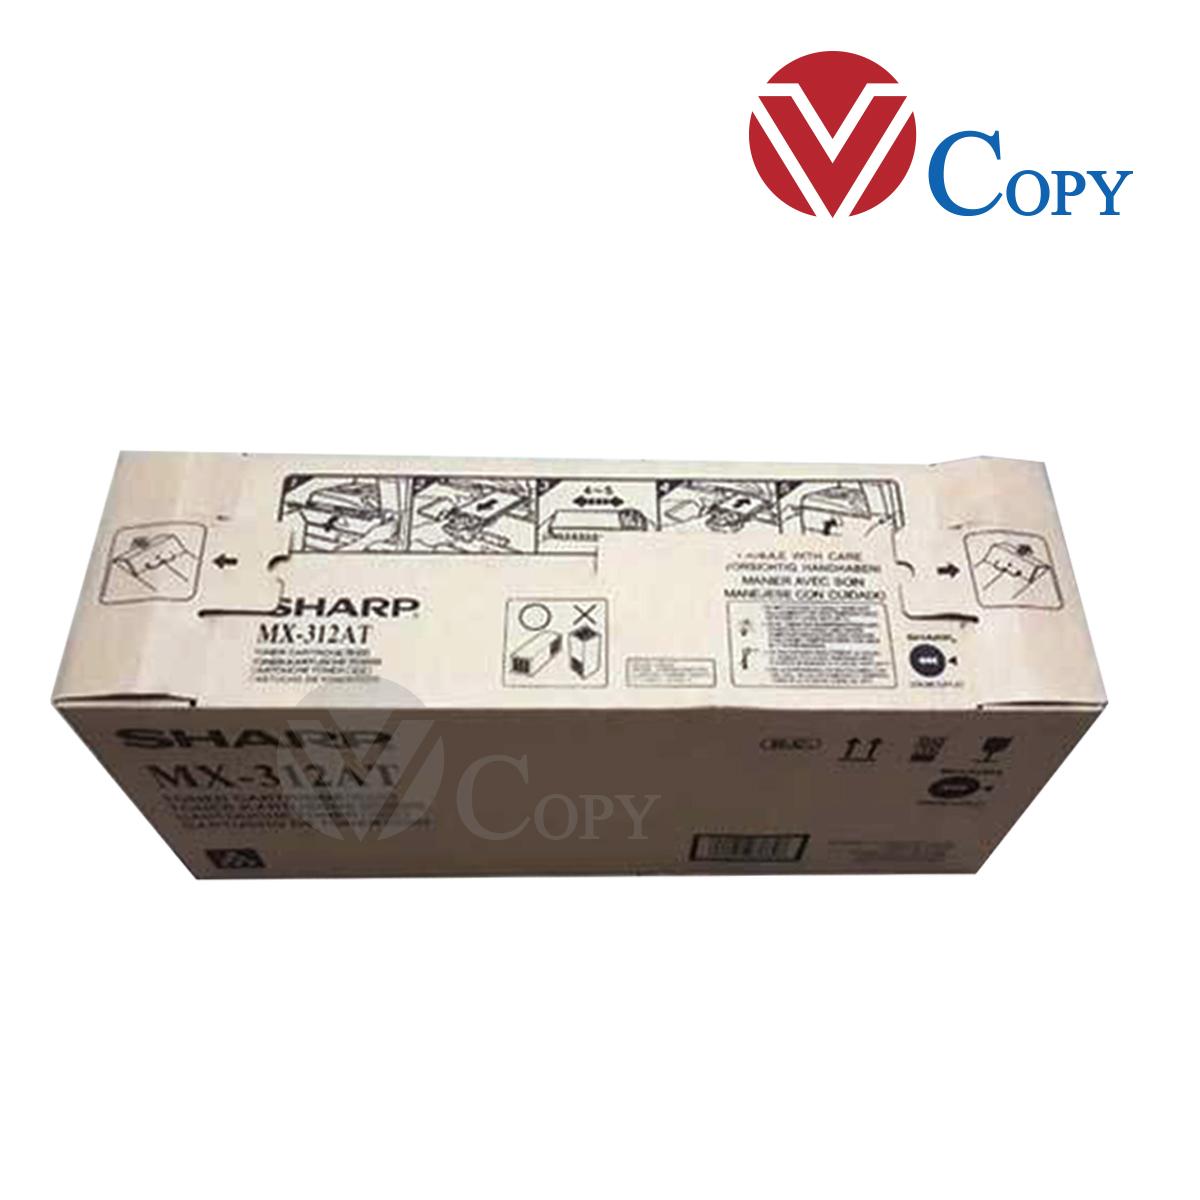 Mực Thương hiệu dùng máy photocopy Sharp AR 5726/5731 - Cụm mực AR -312AT - trọng lượng 500 gr